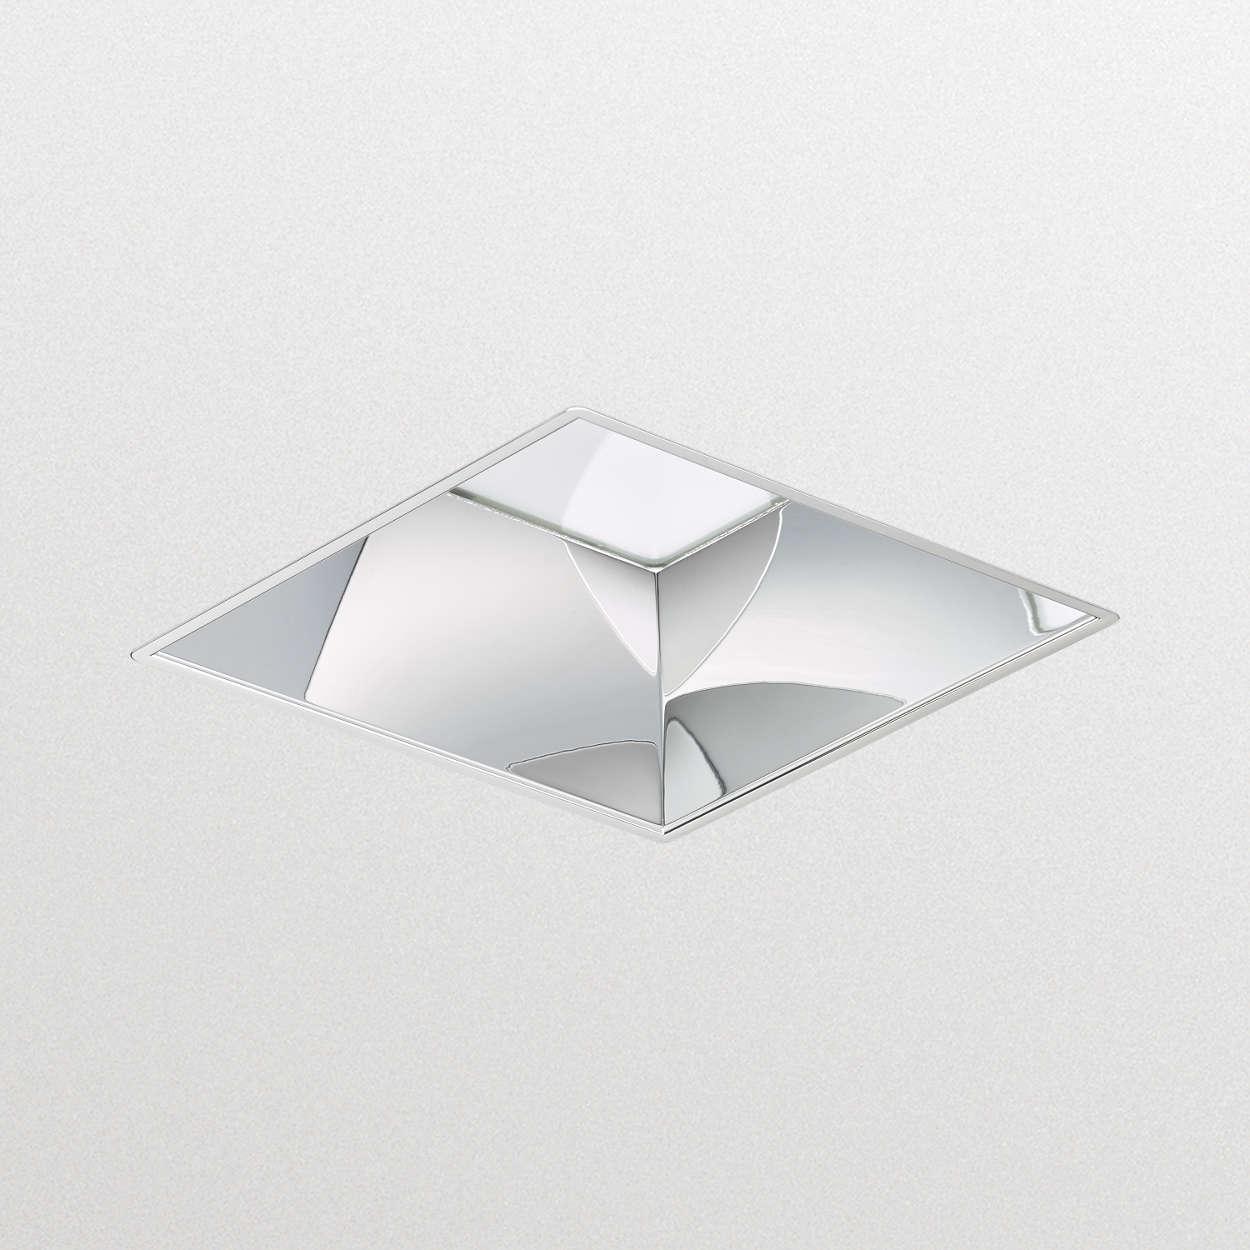 LuxSpace cuadrada, empotrada: alta eficiencia, comodidad visual y elegante diseño